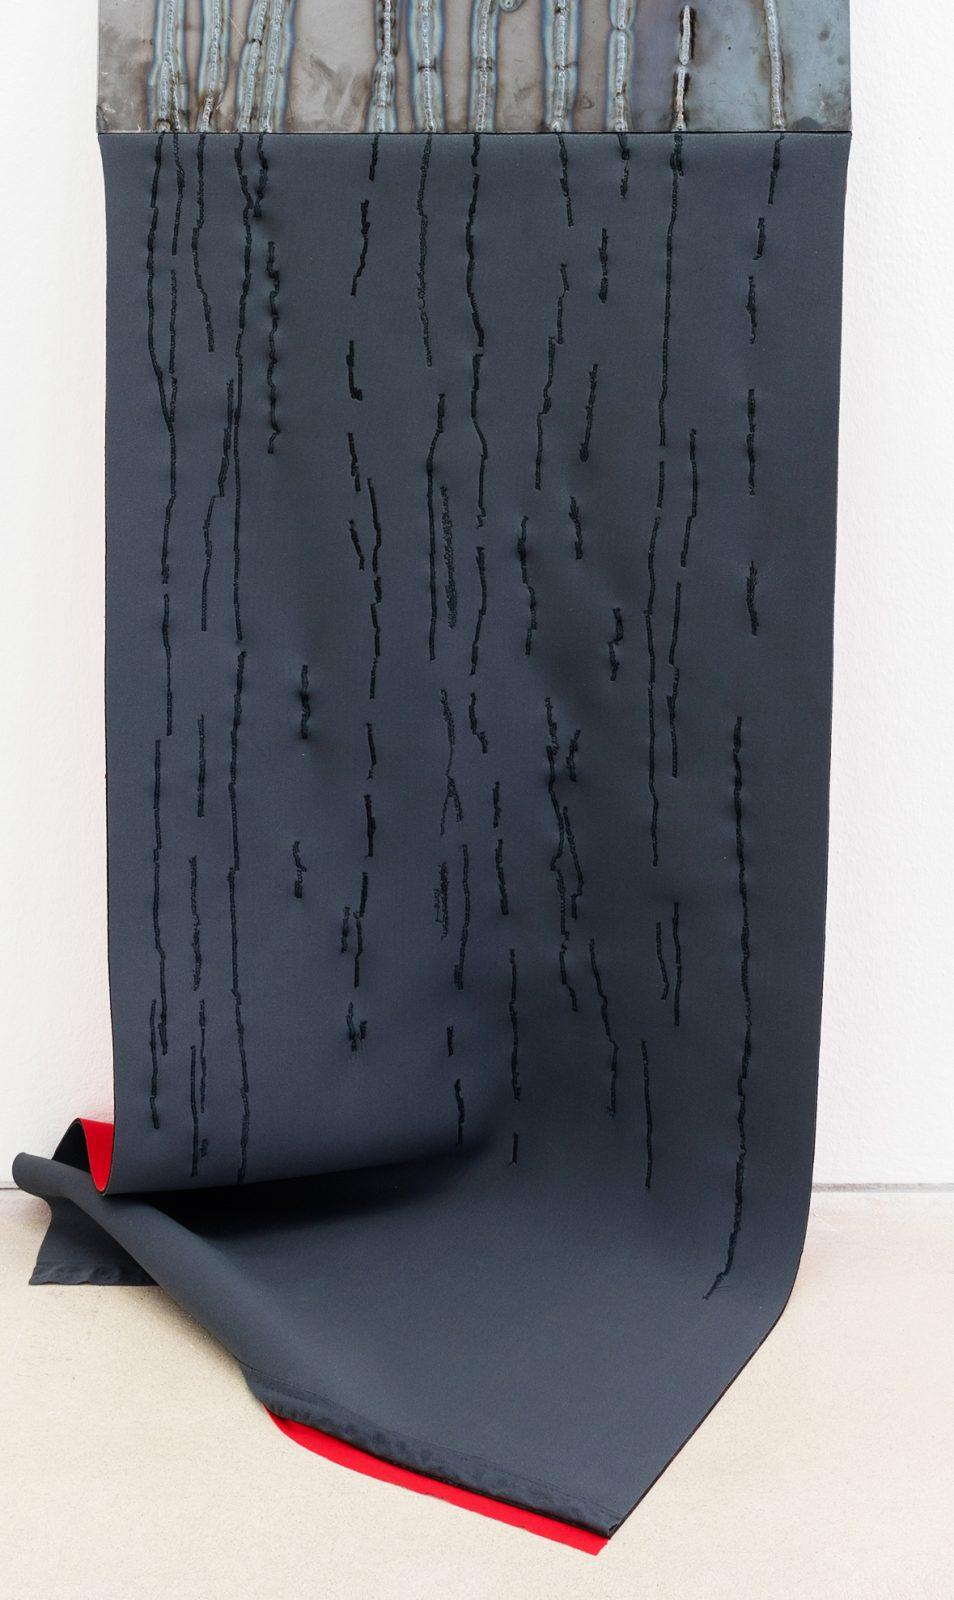 NÖ Waldviertel Galerie Kunst - Muster Erkennung